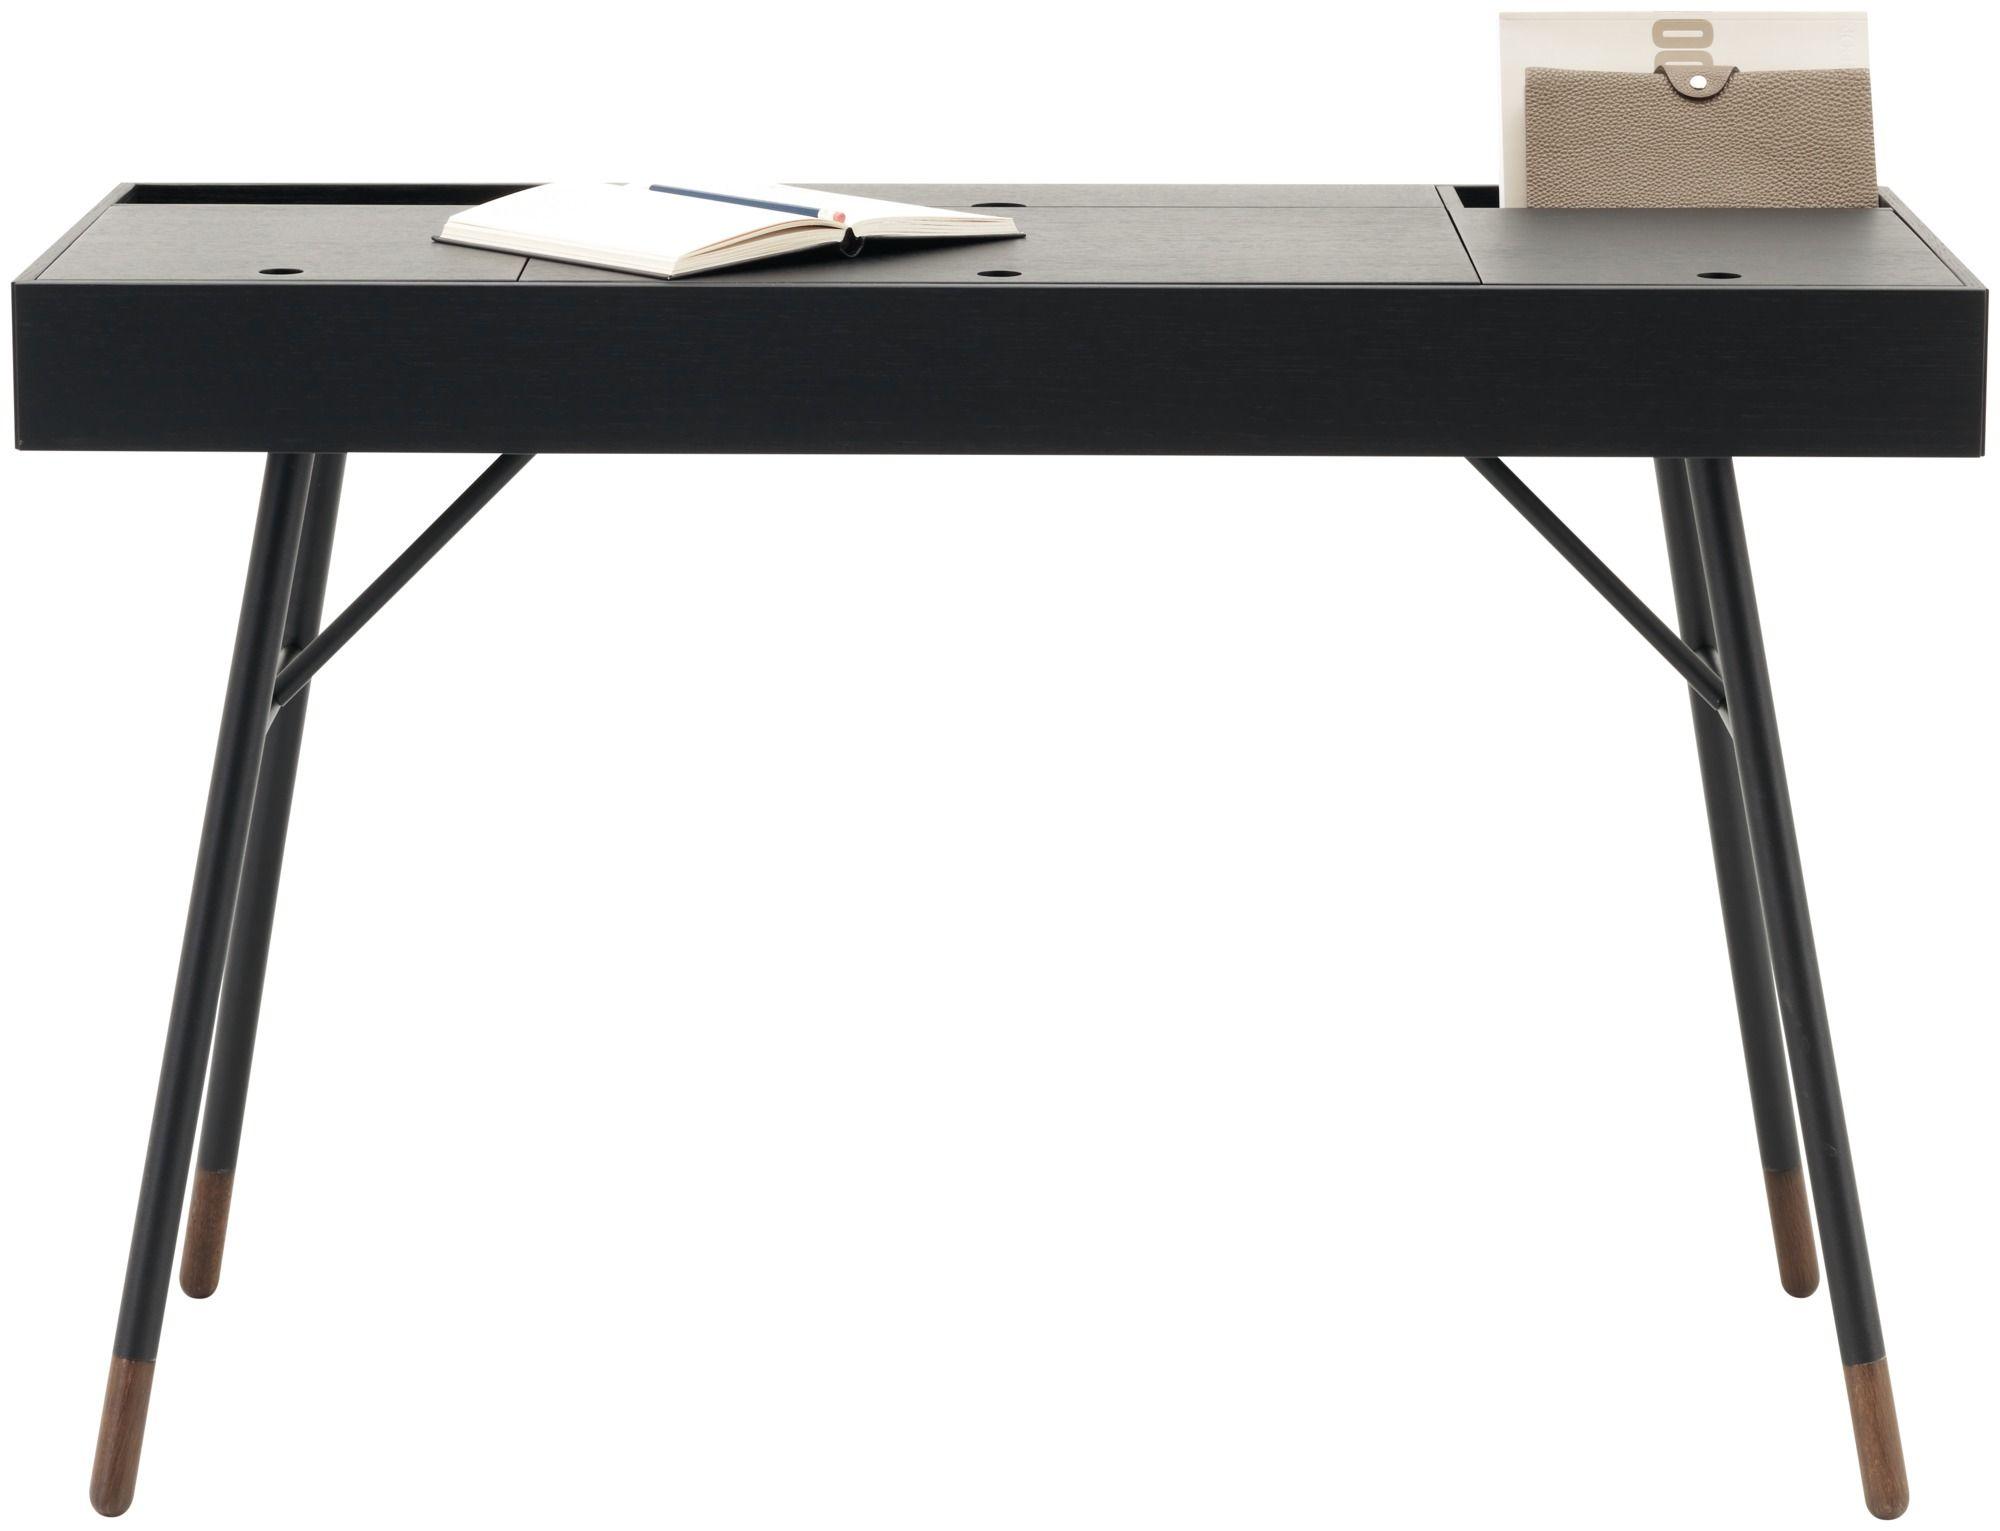 design schreibtisch b rost hle online kaufen boconcept interior pinterest schreibtisch. Black Bedroom Furniture Sets. Home Design Ideas